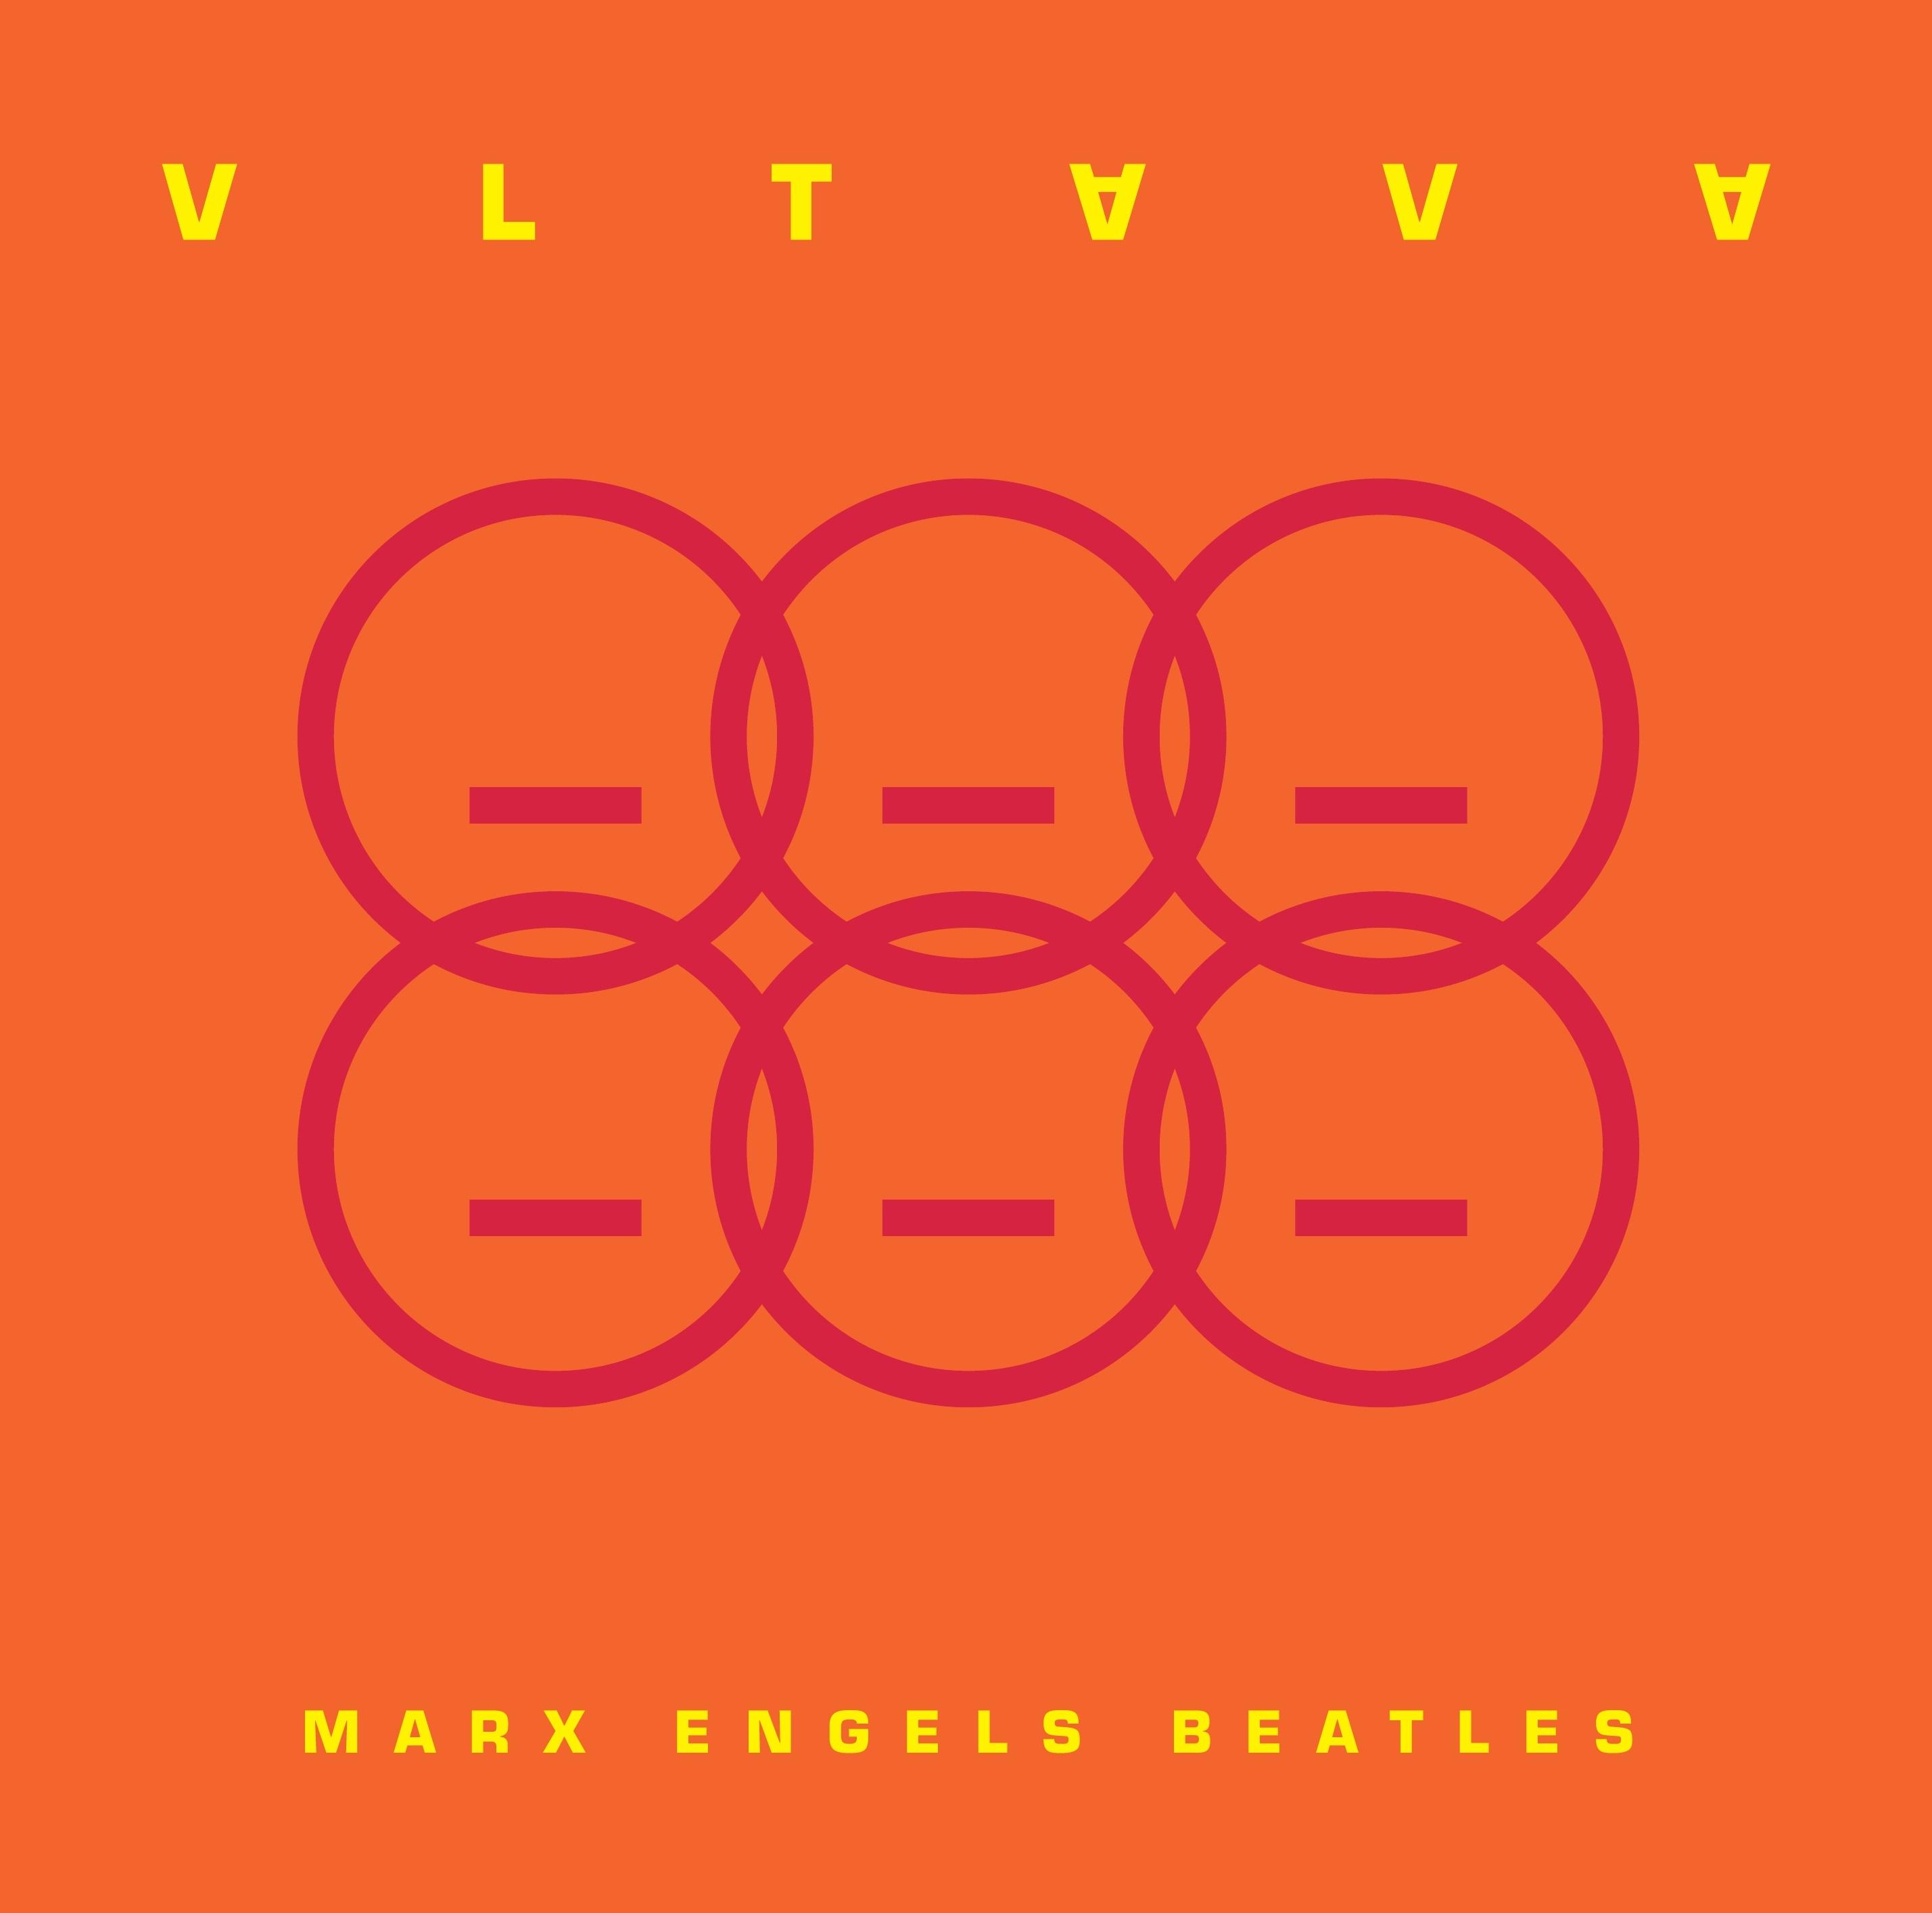 Skupina Vltava chystá speciální koncert a reedici přelomové desky. Kultovní album Marx, Engels, Beatles naživo a s hosty.